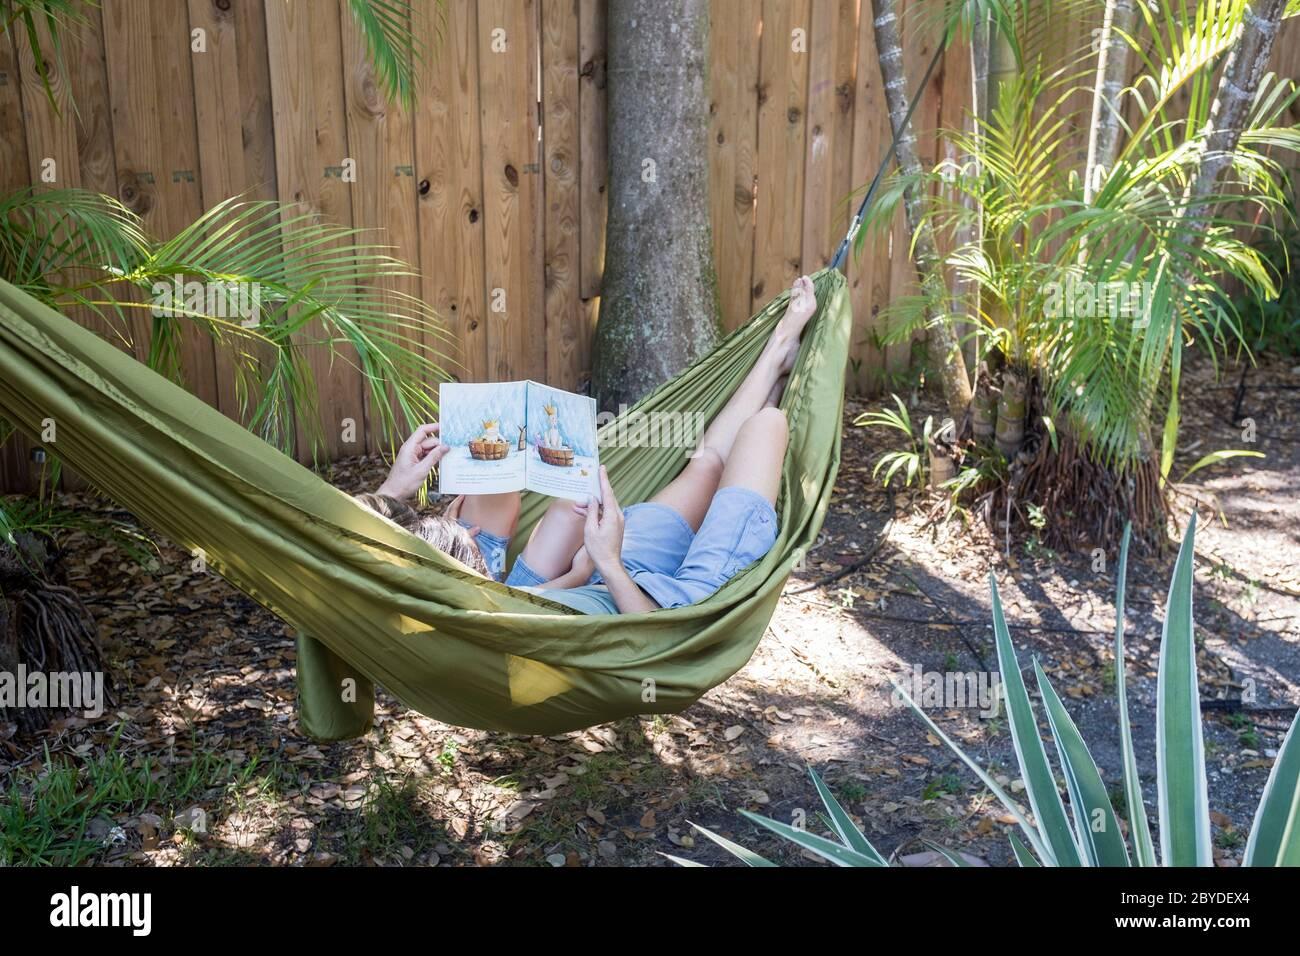 Une mère et son petit fils sont dans un hamac et lisent ensemble un livre d'images dans leur arrière-cour à Miami, en Floride. Banque D'Images